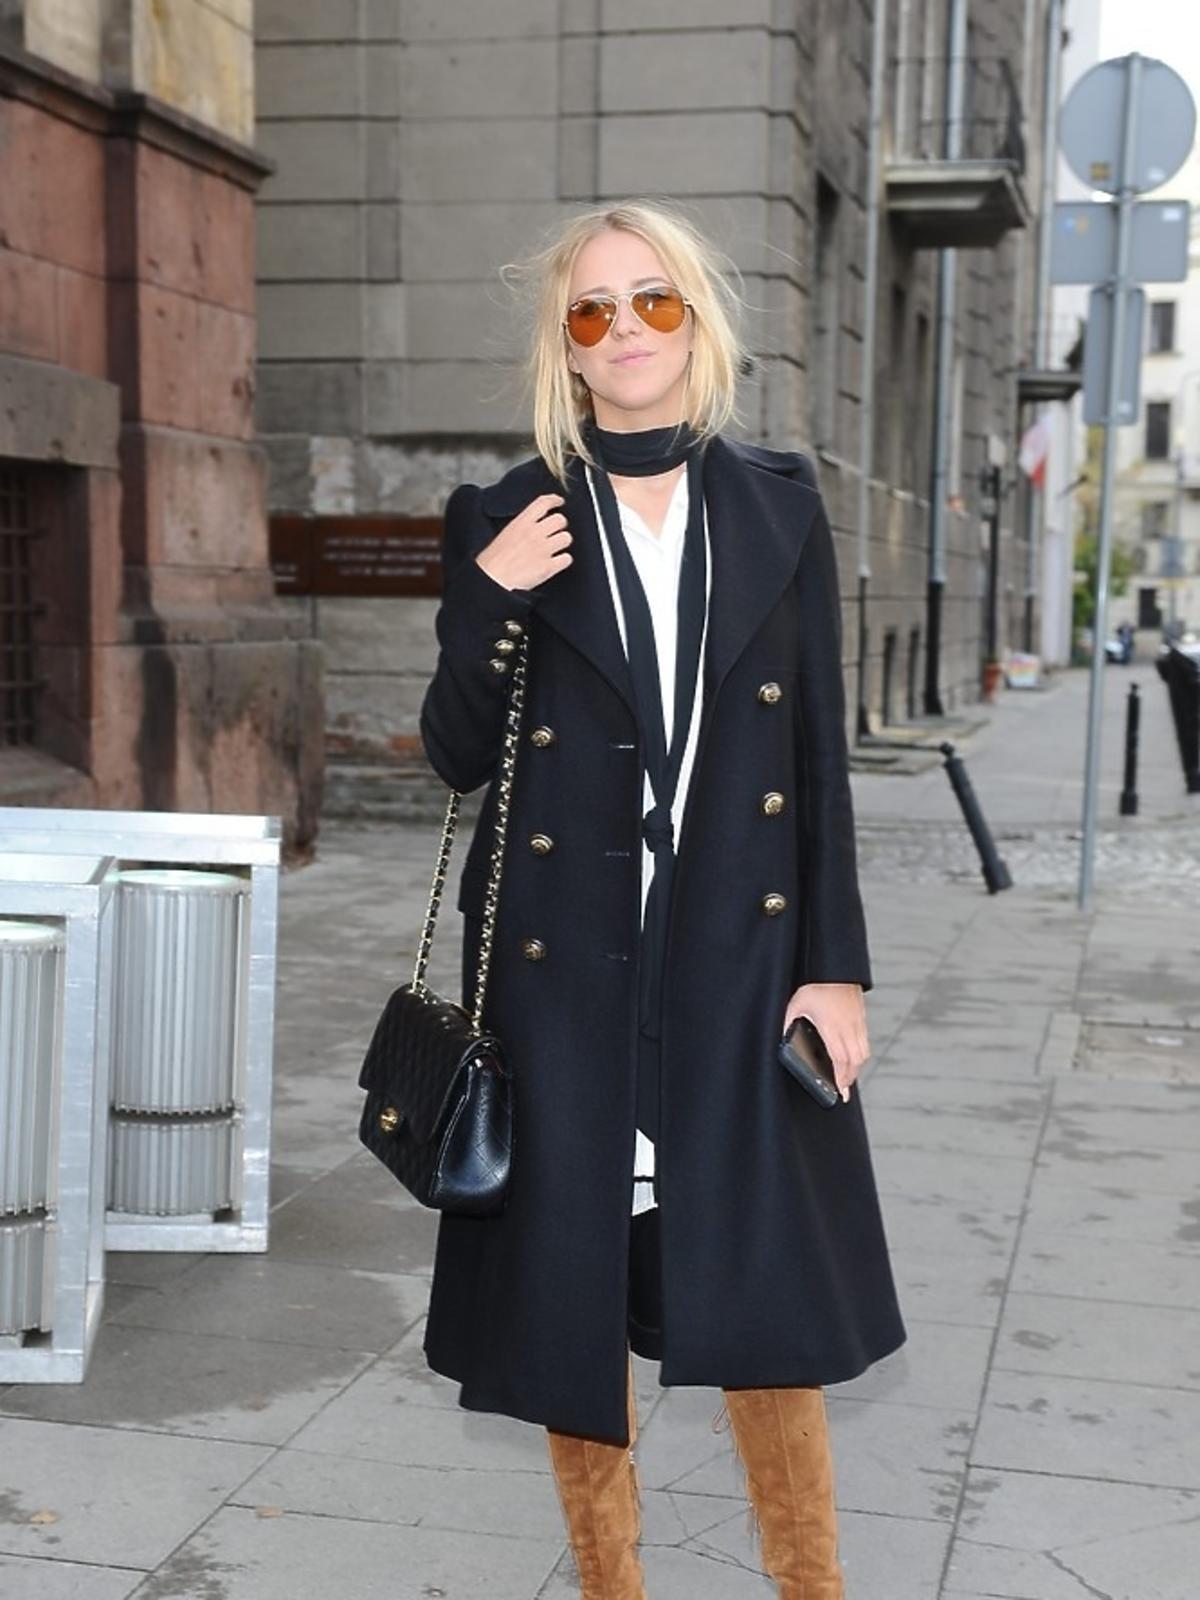 Jessica Mercedes w szarnym plaszczu i brazowych zamszowych kozakach i czarnej apaszce na ulicy